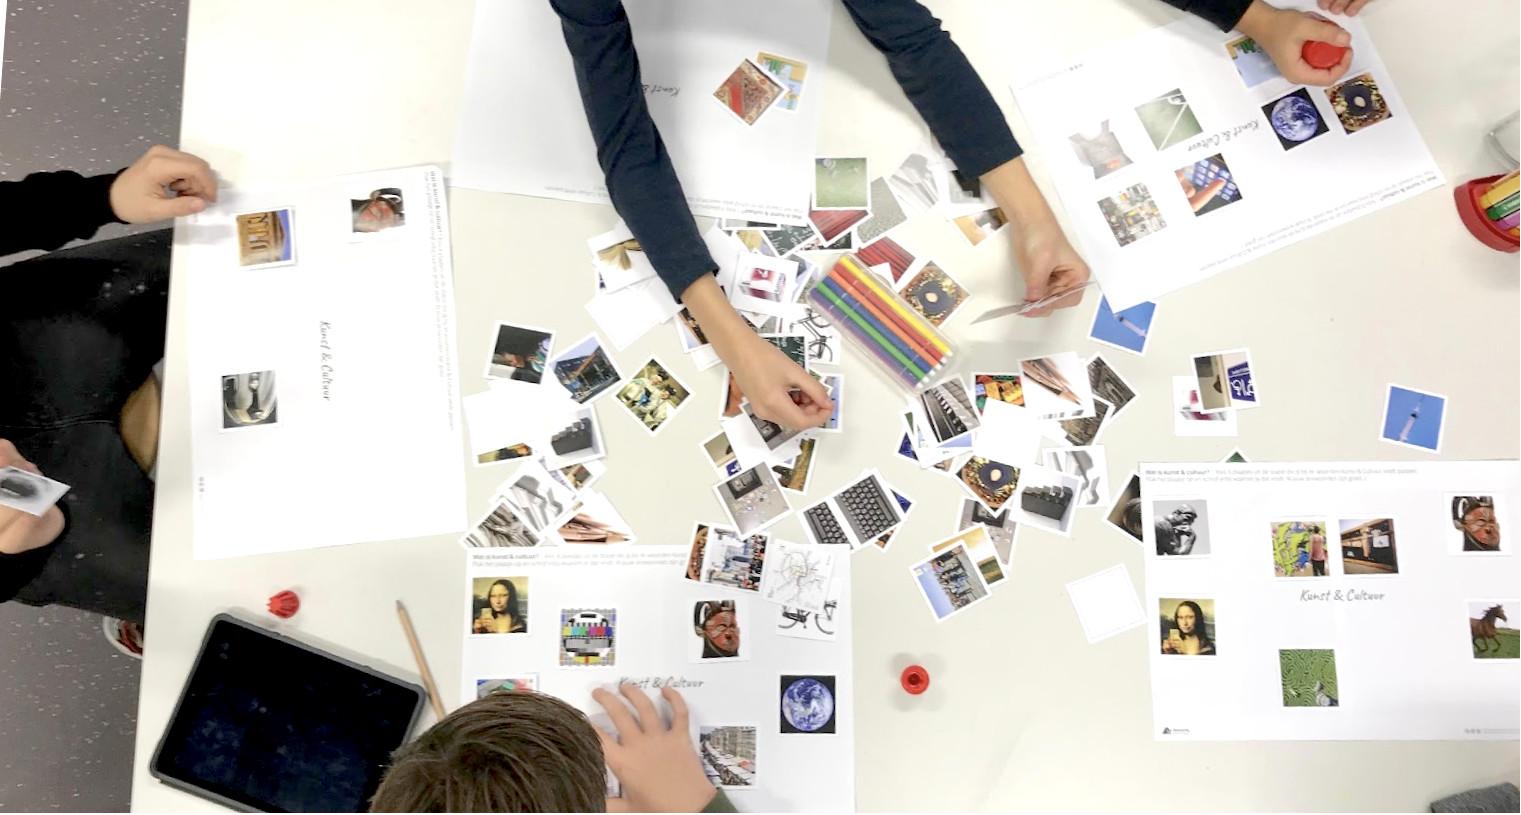 Onderzoek met leerlingen naar de beleving van cultuur